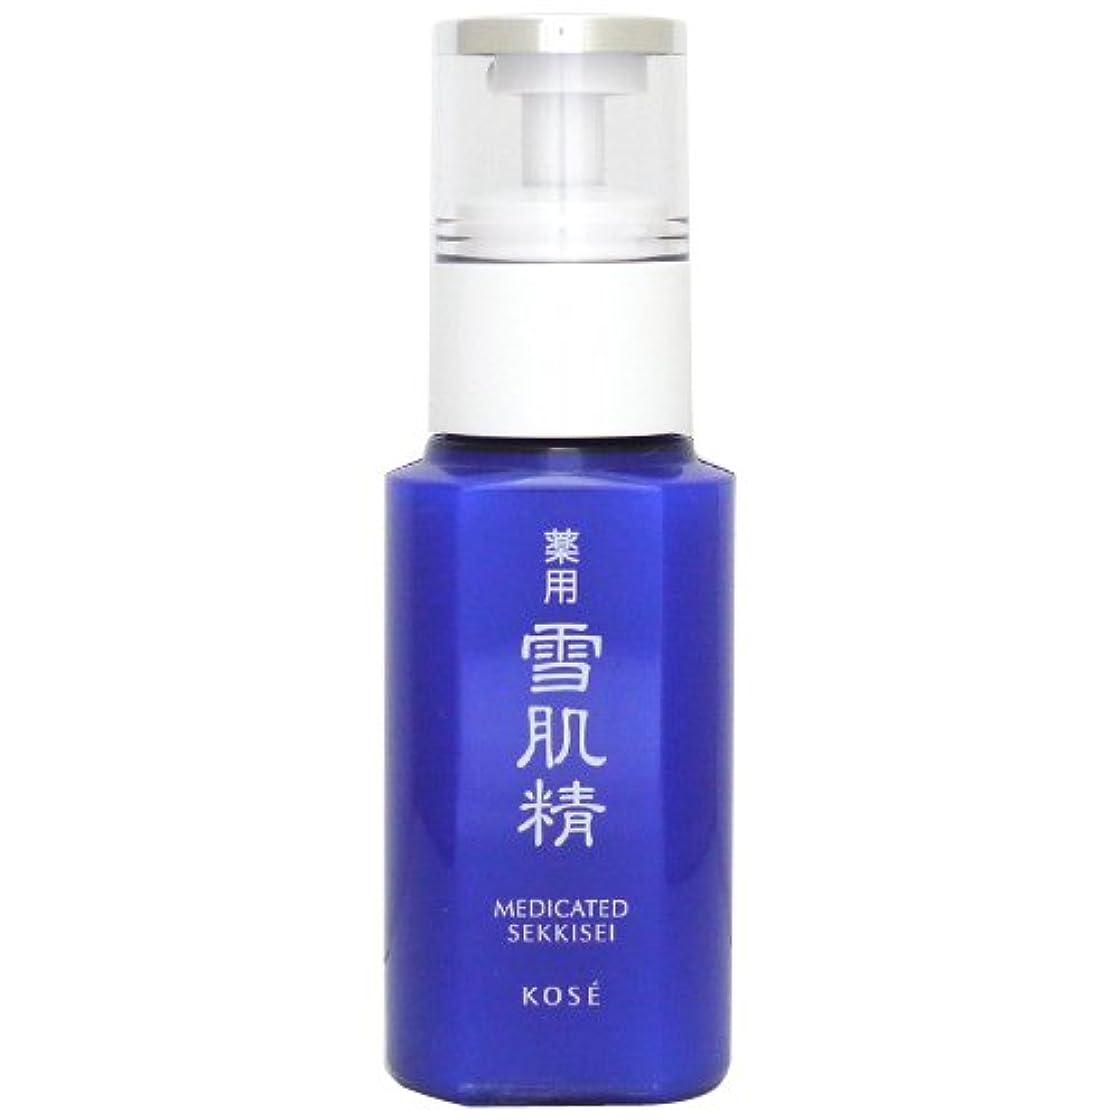 紫のくつろぐ体操コーセー雪肌精 薬用 乳液(トライアルサイズ) 限定 【save the blue】 70mL